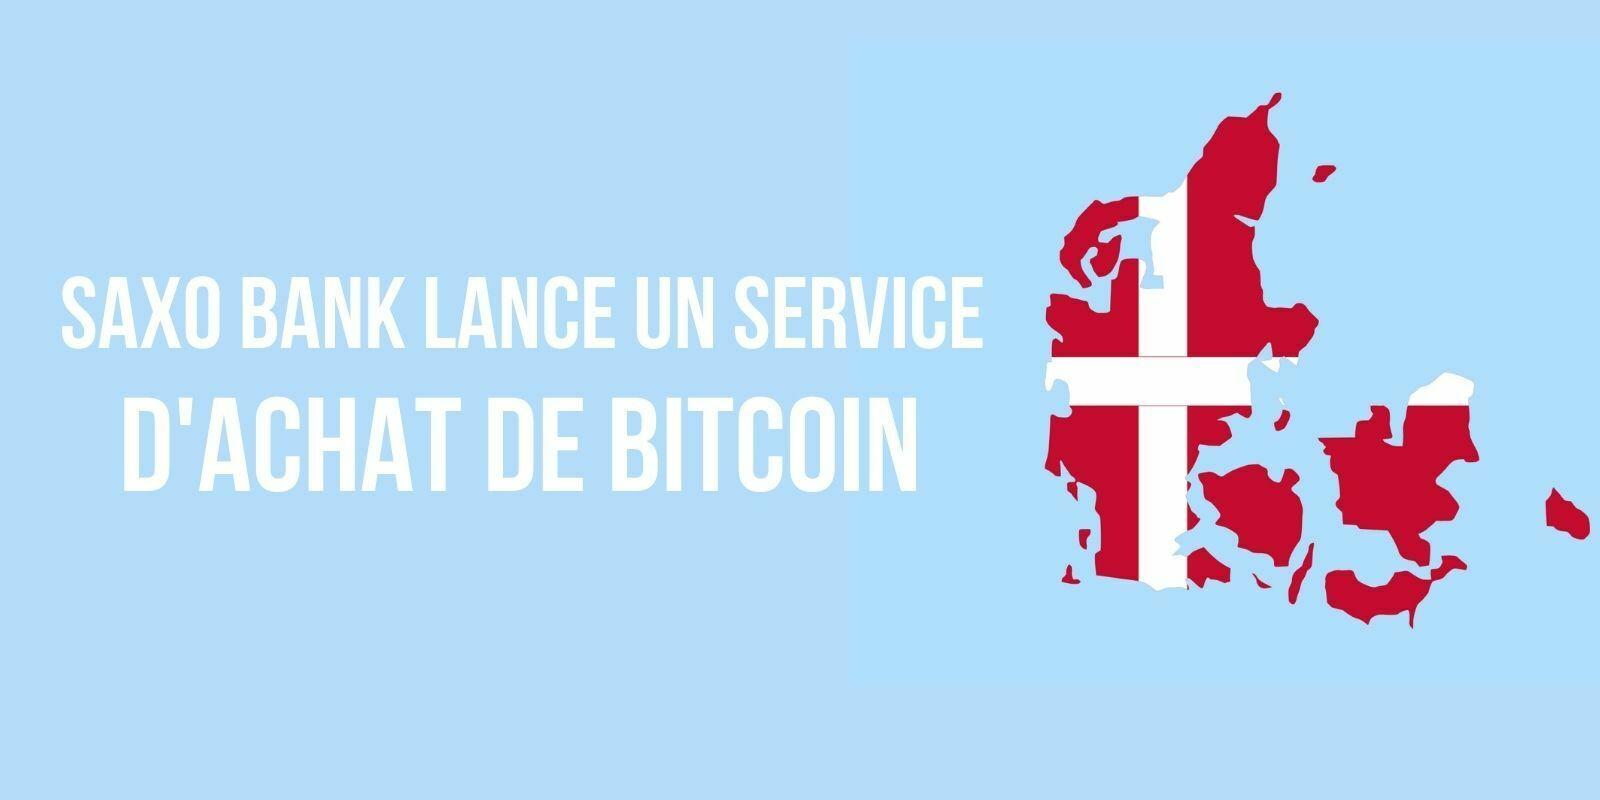 Saxo Bank devient la première banque au Danemark à proposer l'achat de Bitcoin (BTC)